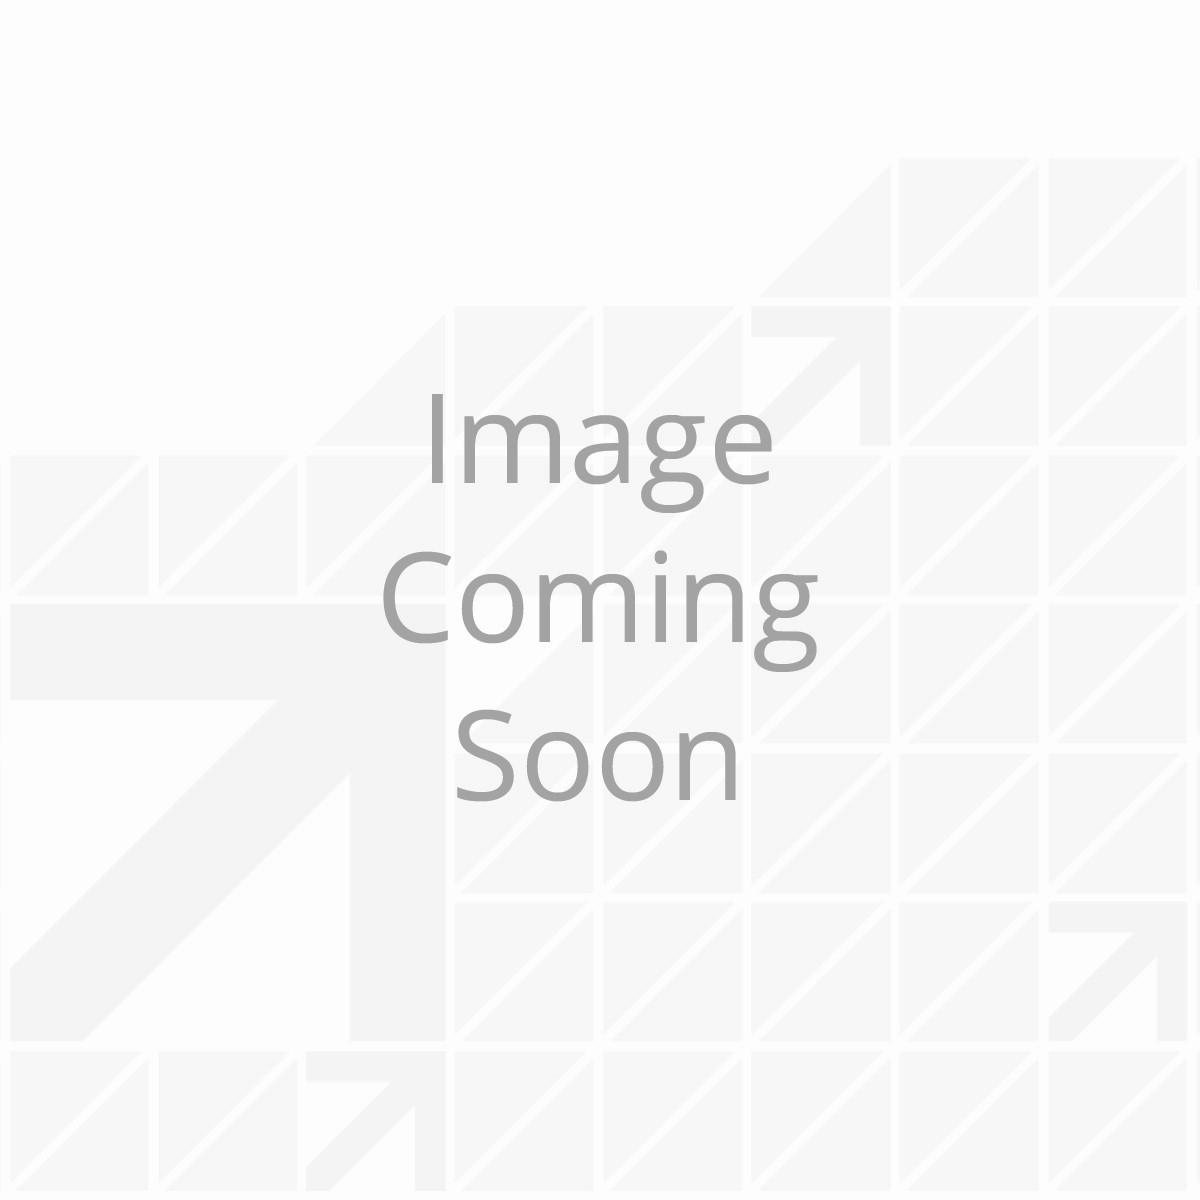 Zero Gravity XL Lounge Chair - Navy